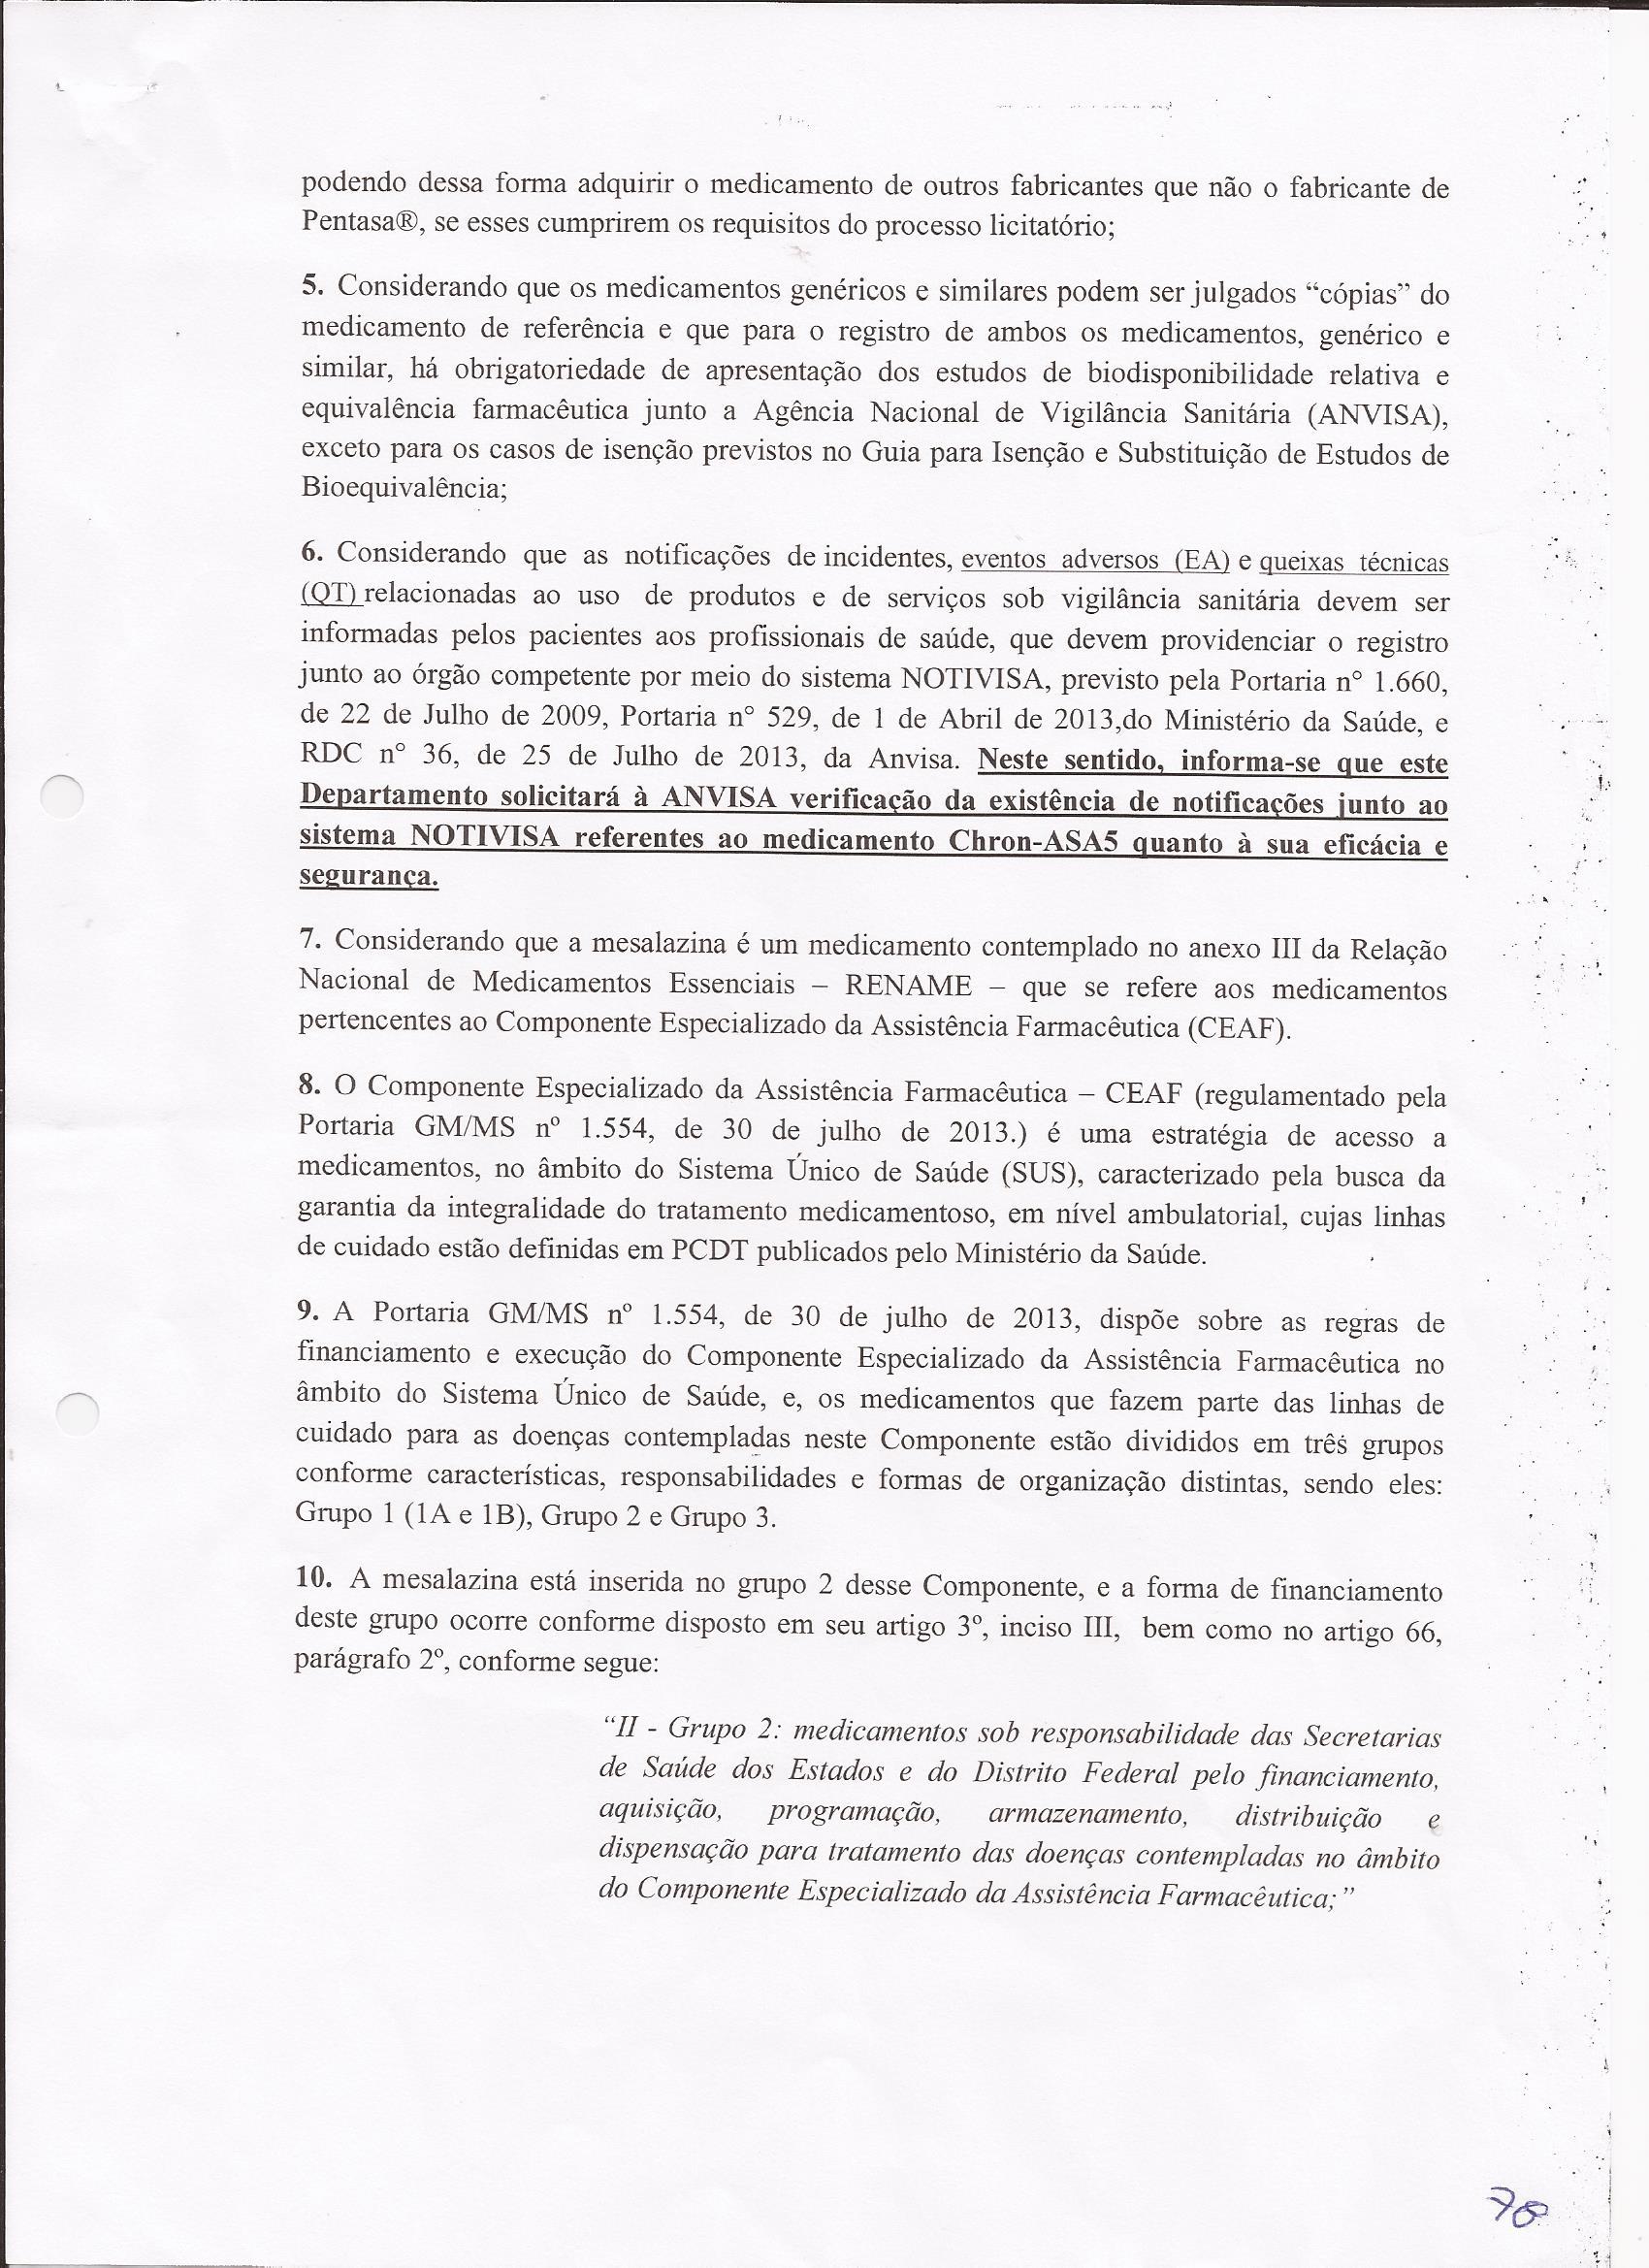 Carta resposta Ministério da Saúde sobre dispensação da Mesalaz0003